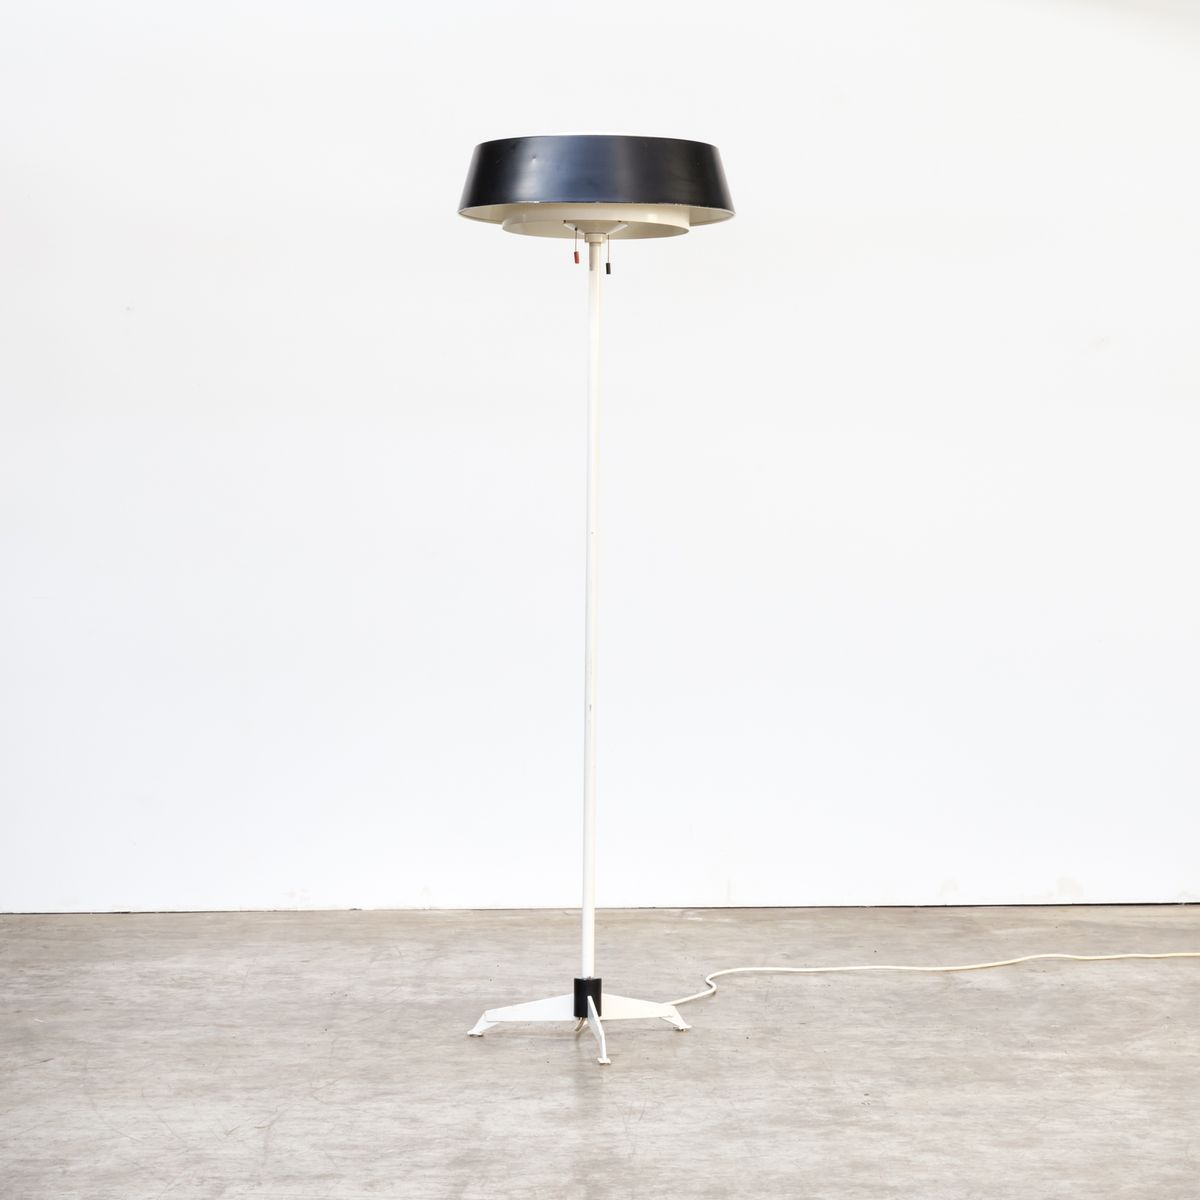 Stehlampe Wohnzimmer Modern Designer Stehlampe Led Led